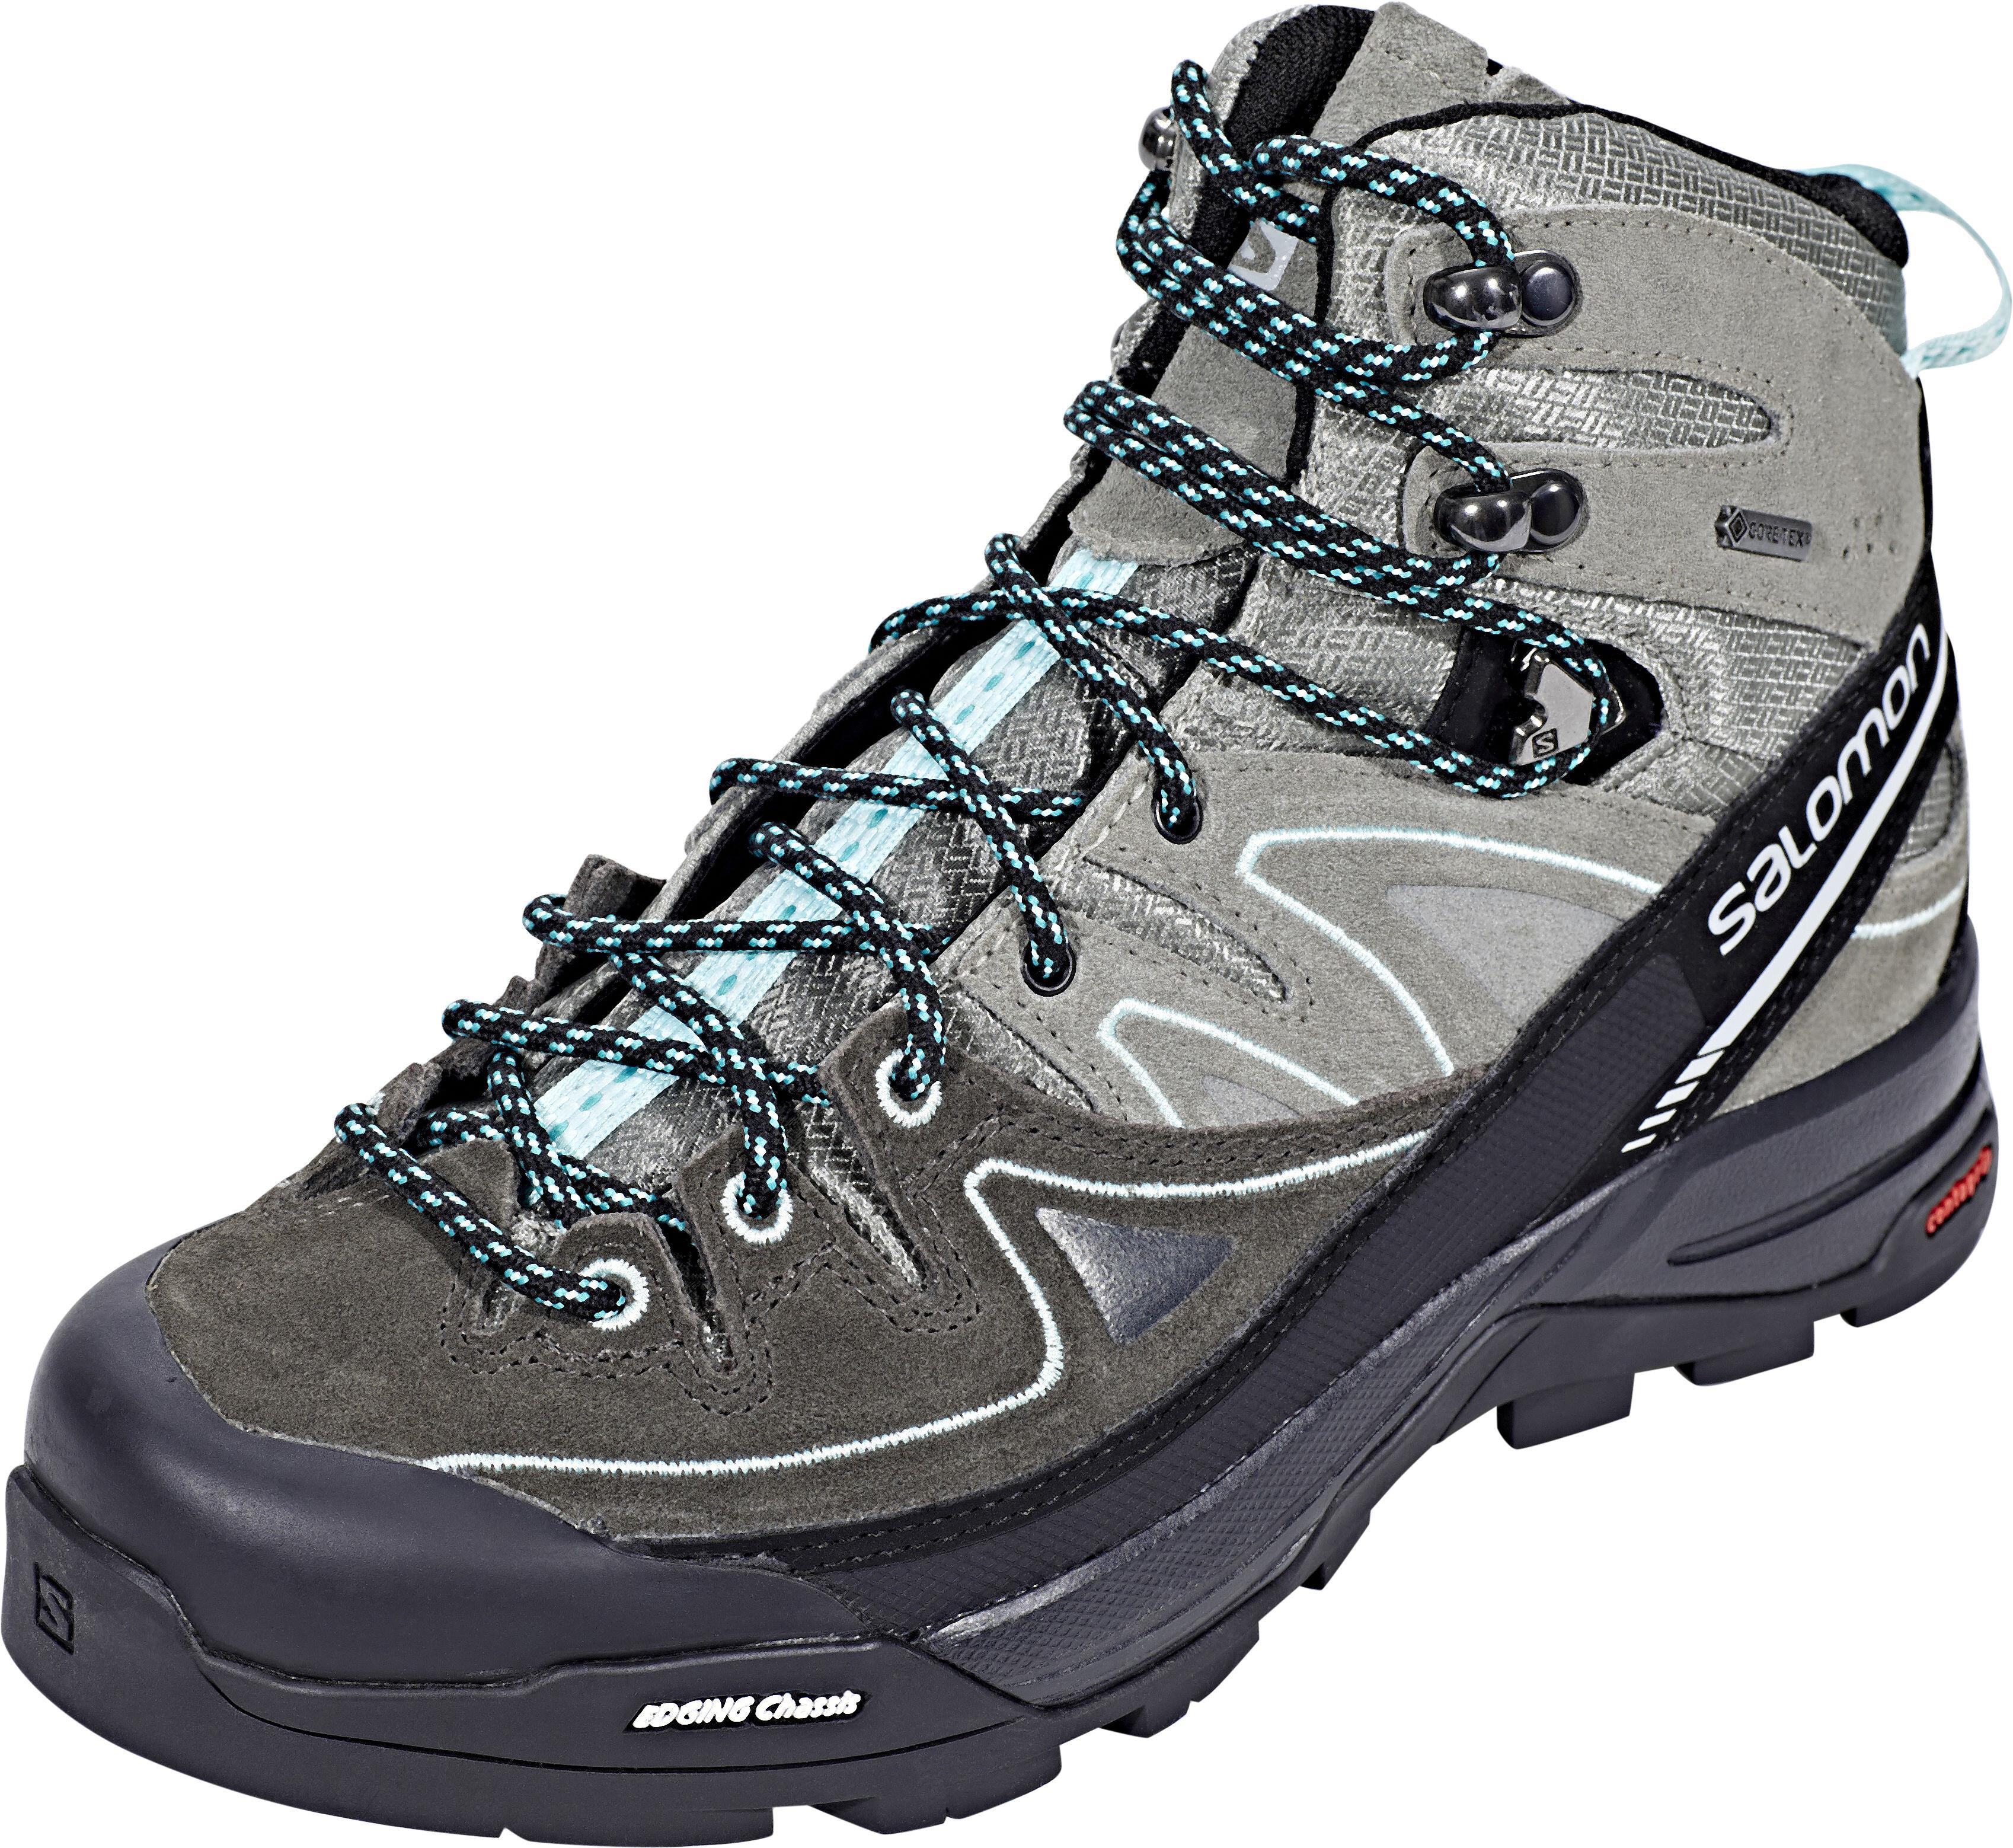 3d1b27a4ac52 Salomon X Alp LTR GTX Hiking Shoes Women Shadow Castor Gray Aruba Blue